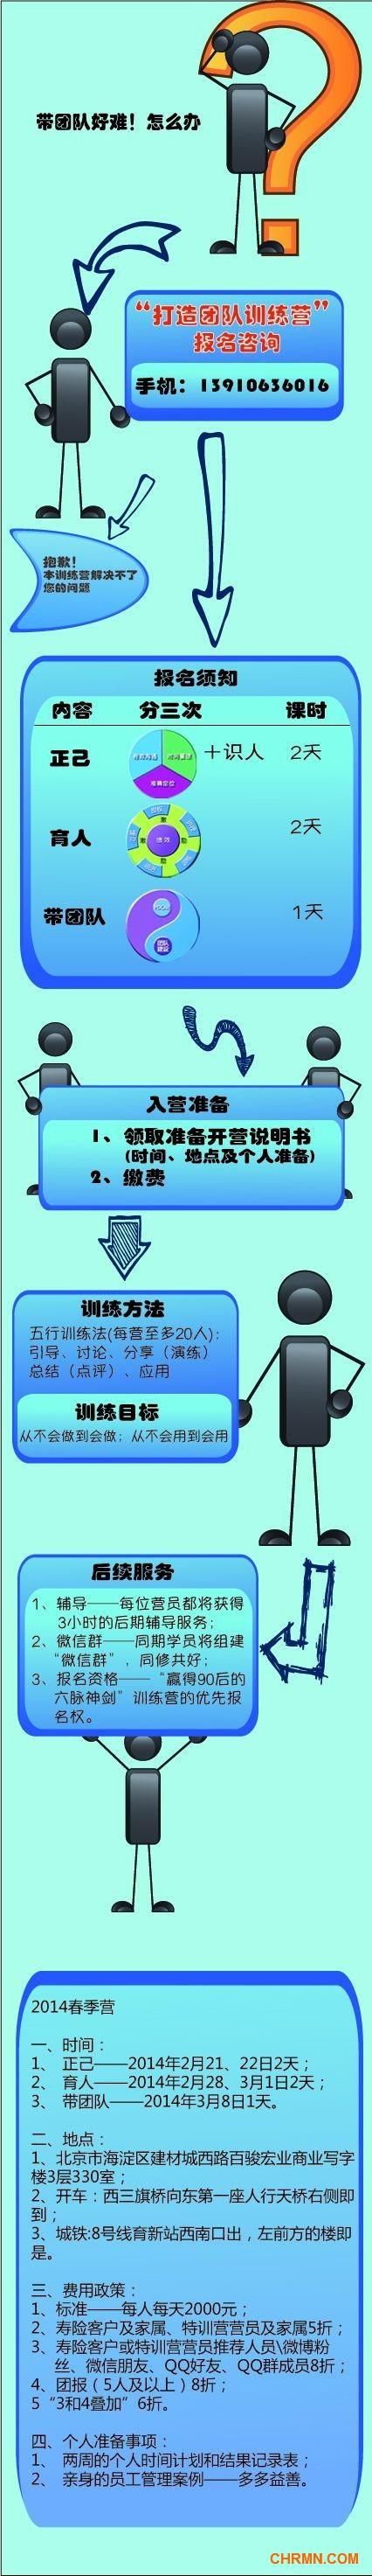 QQ图片20140111145801